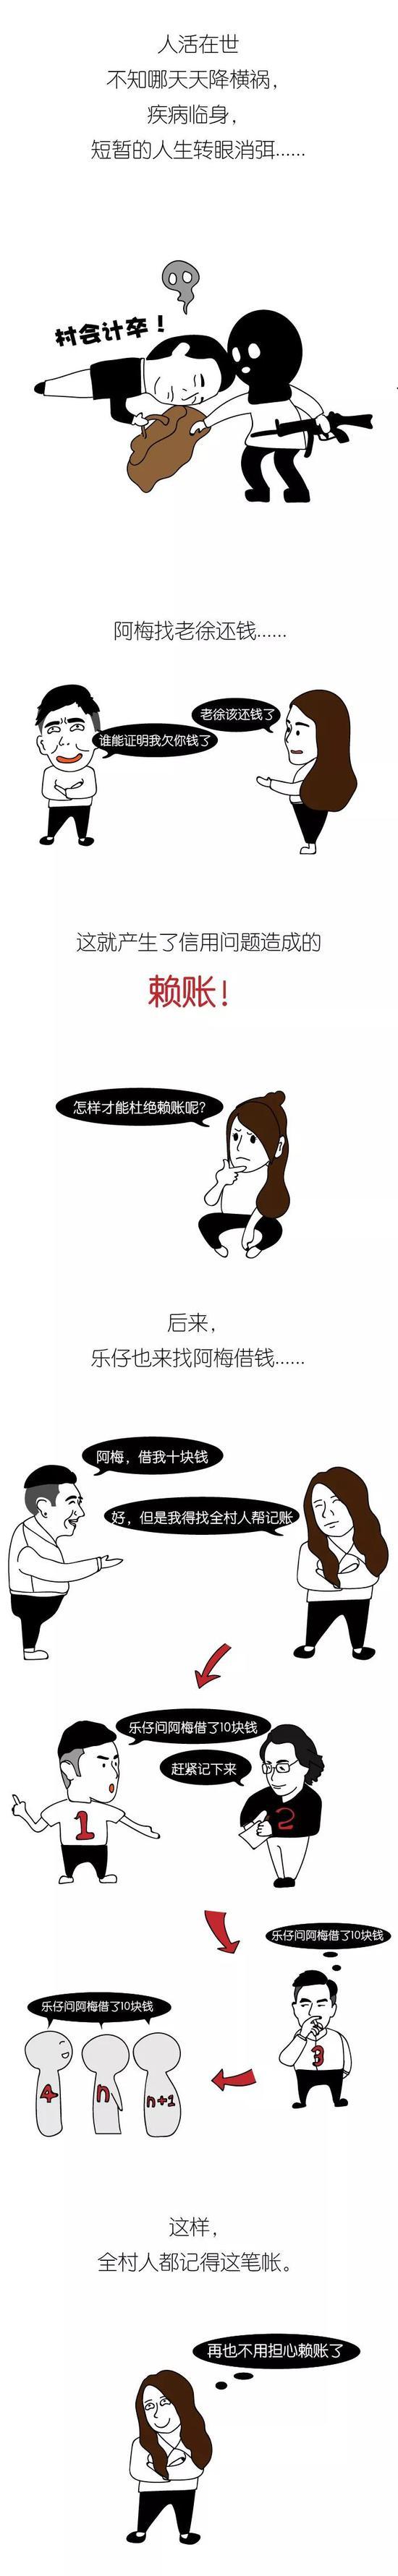 大唐娱乐平台_开户网址 - 抢夺移动音频第一股 喜马拉雅、蜻蜓竞相筹备上市